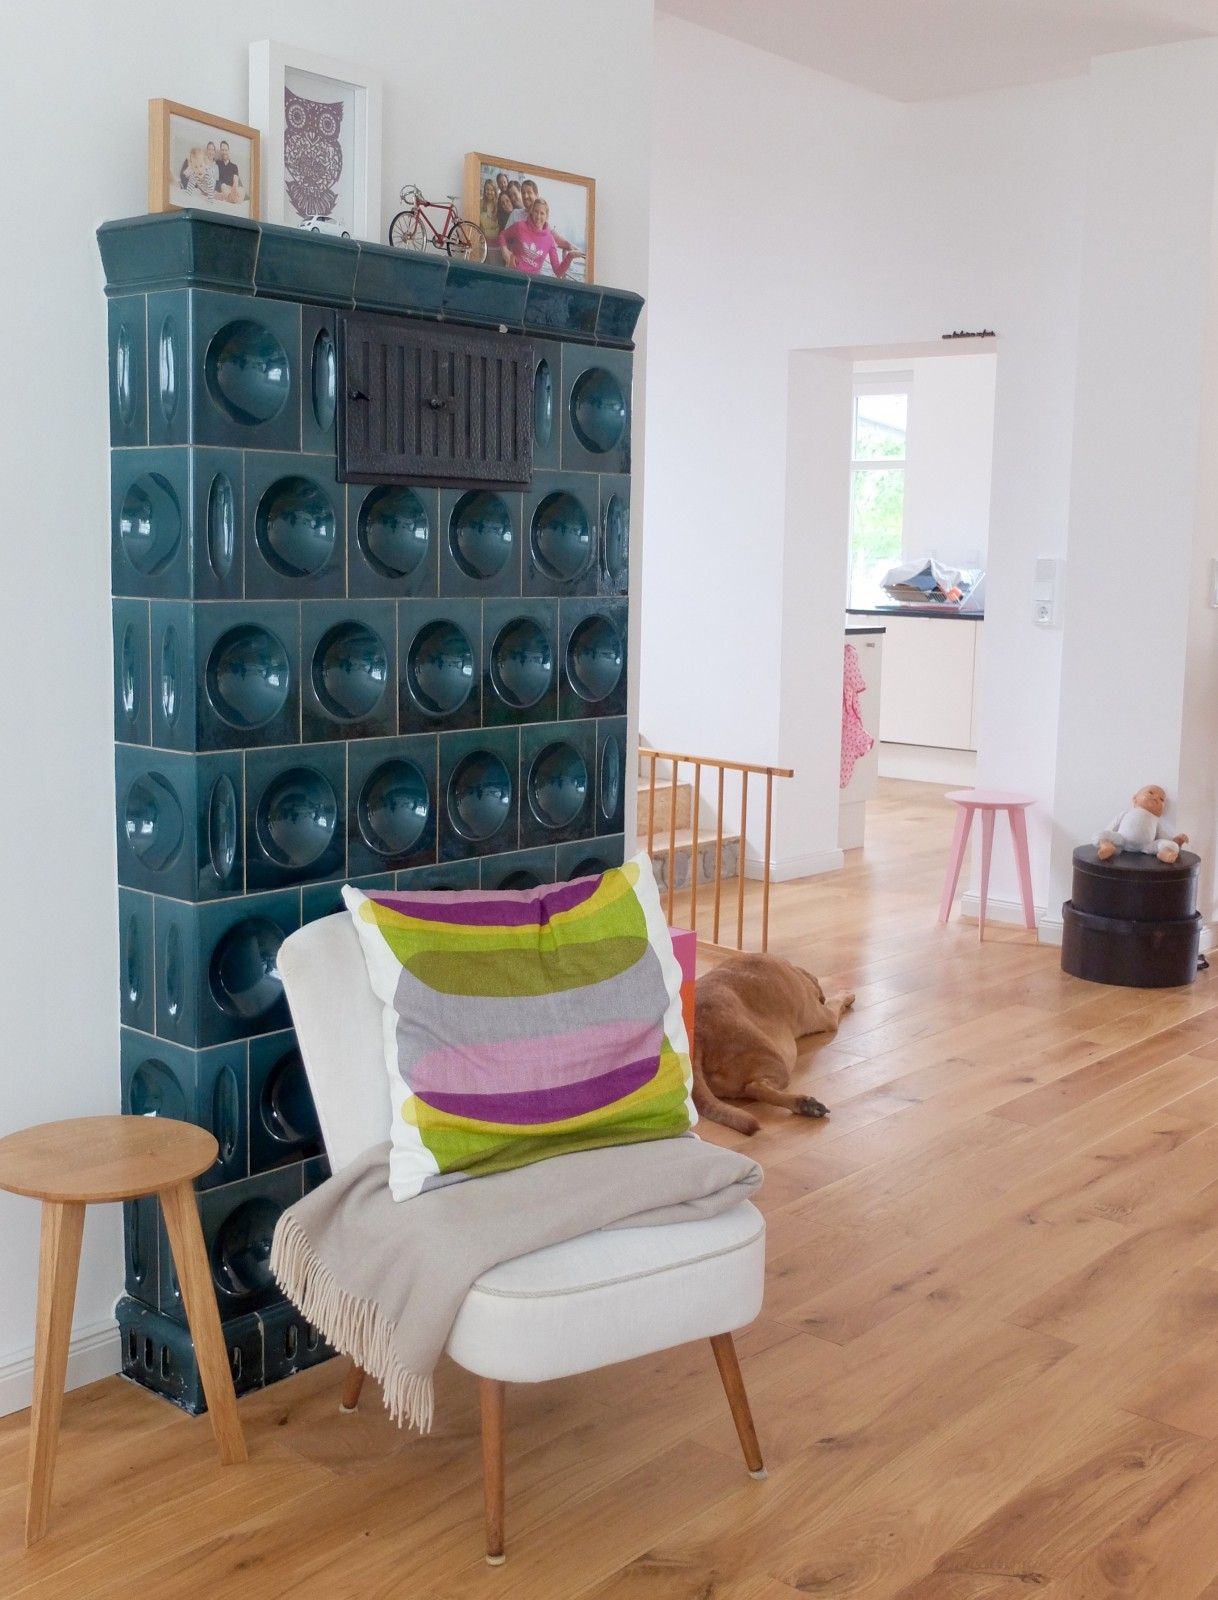 Möbeldesign aus dem Ruhrgebiet No 3: Markus Stallberg | Chalet ...